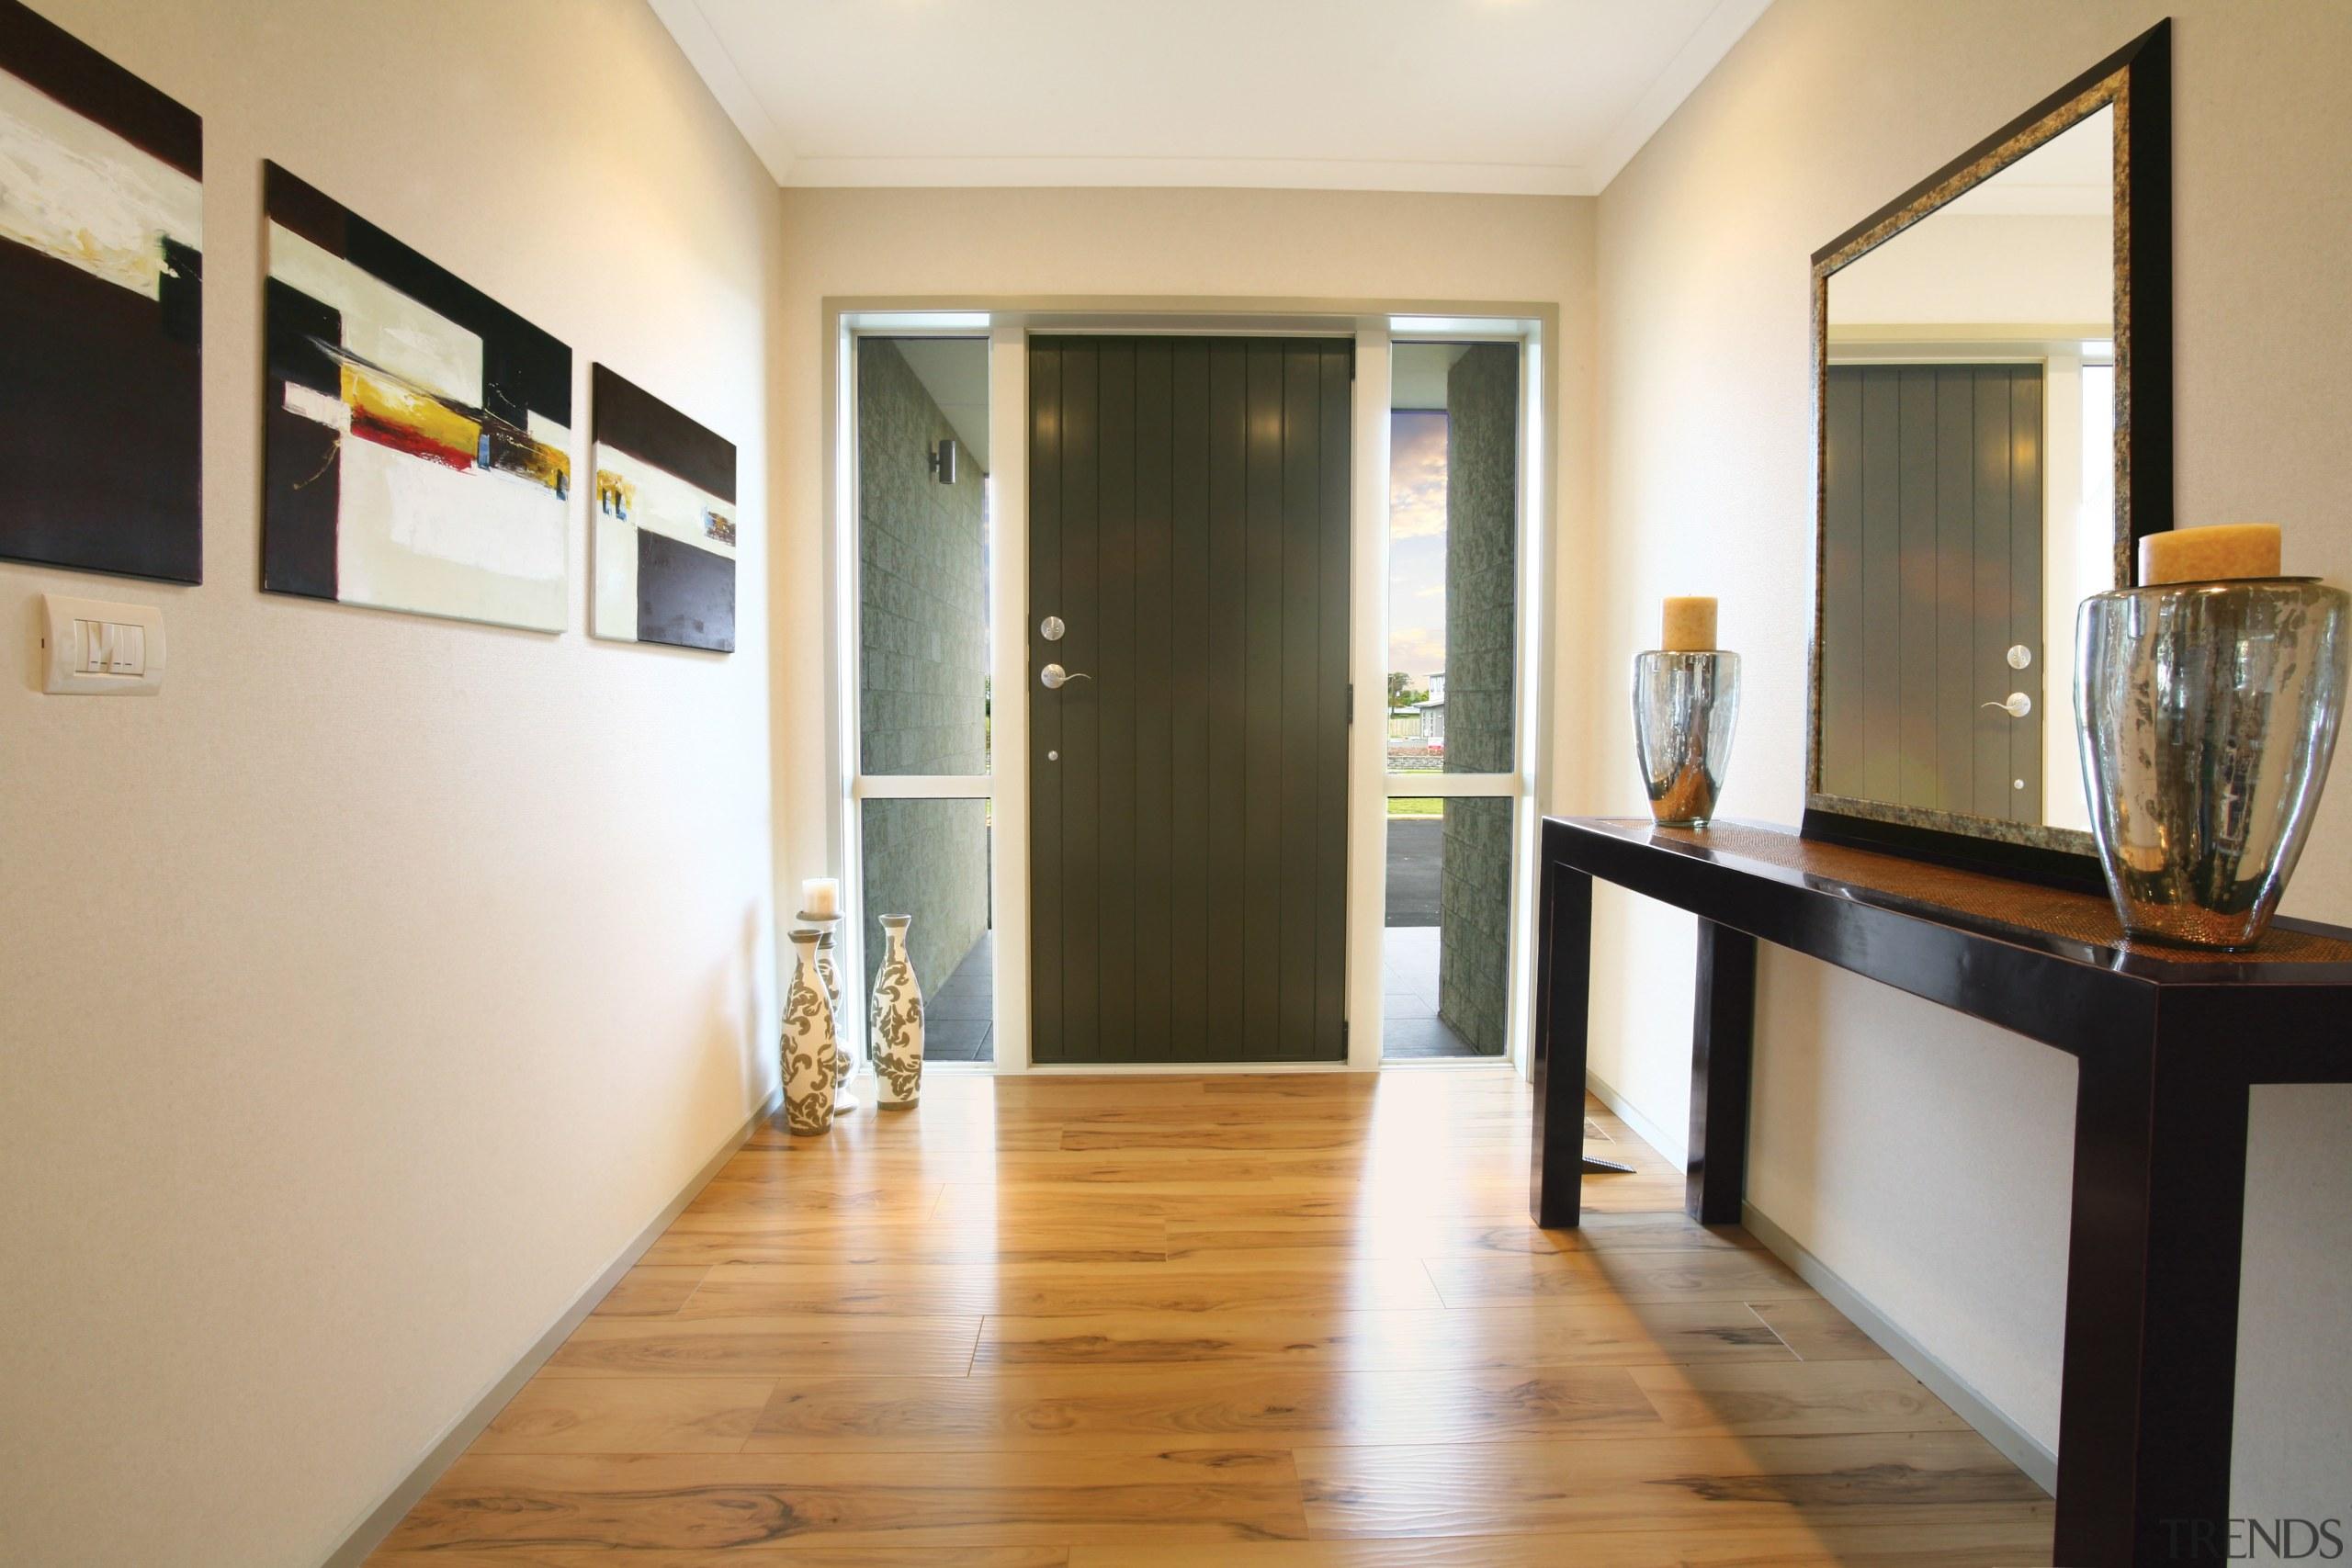 interior view of front entrance of this Platinum floor, flooring, interior design, real estate, room, white, orange